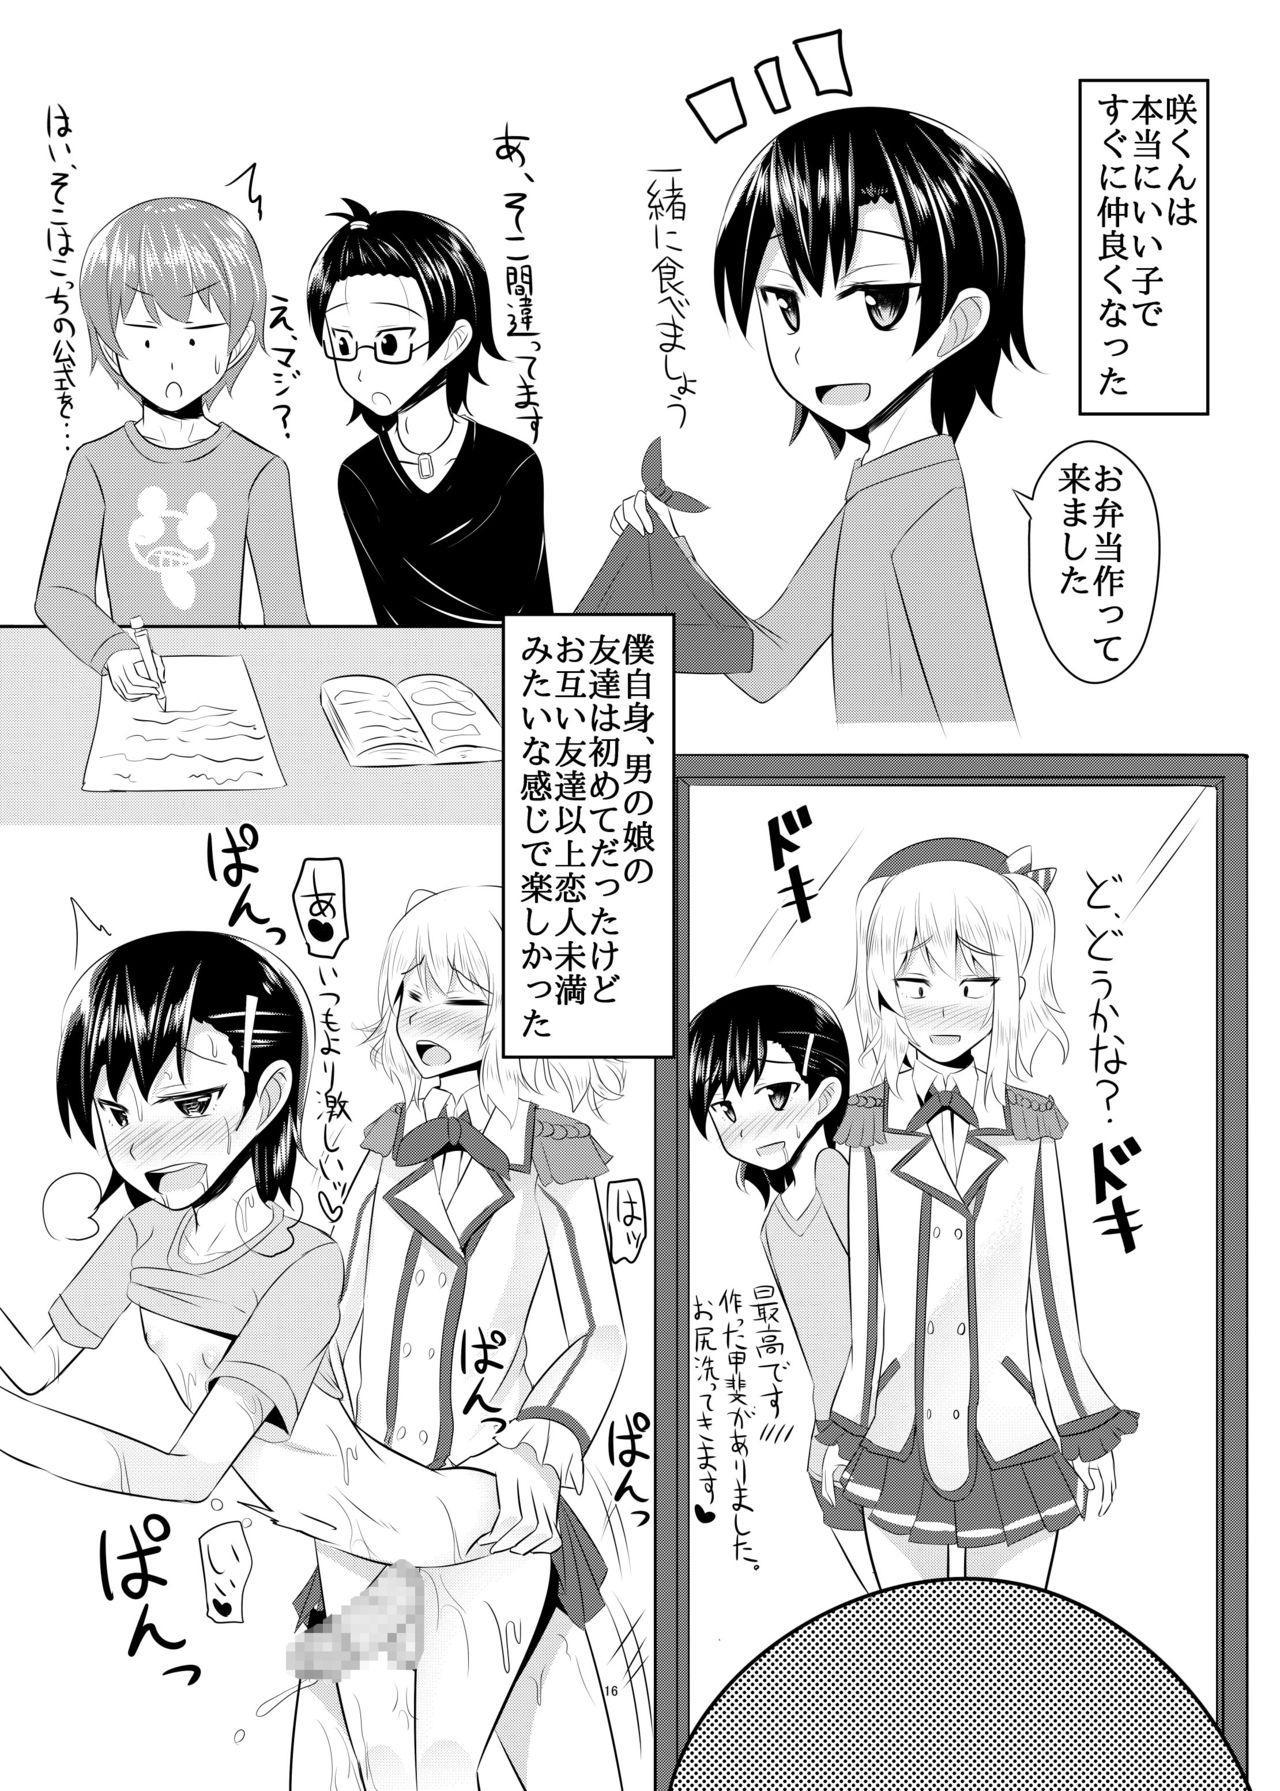 Seiyoku no Sugoi Otokonoko to Tsukiau Koto ni Natta Kekka w 14